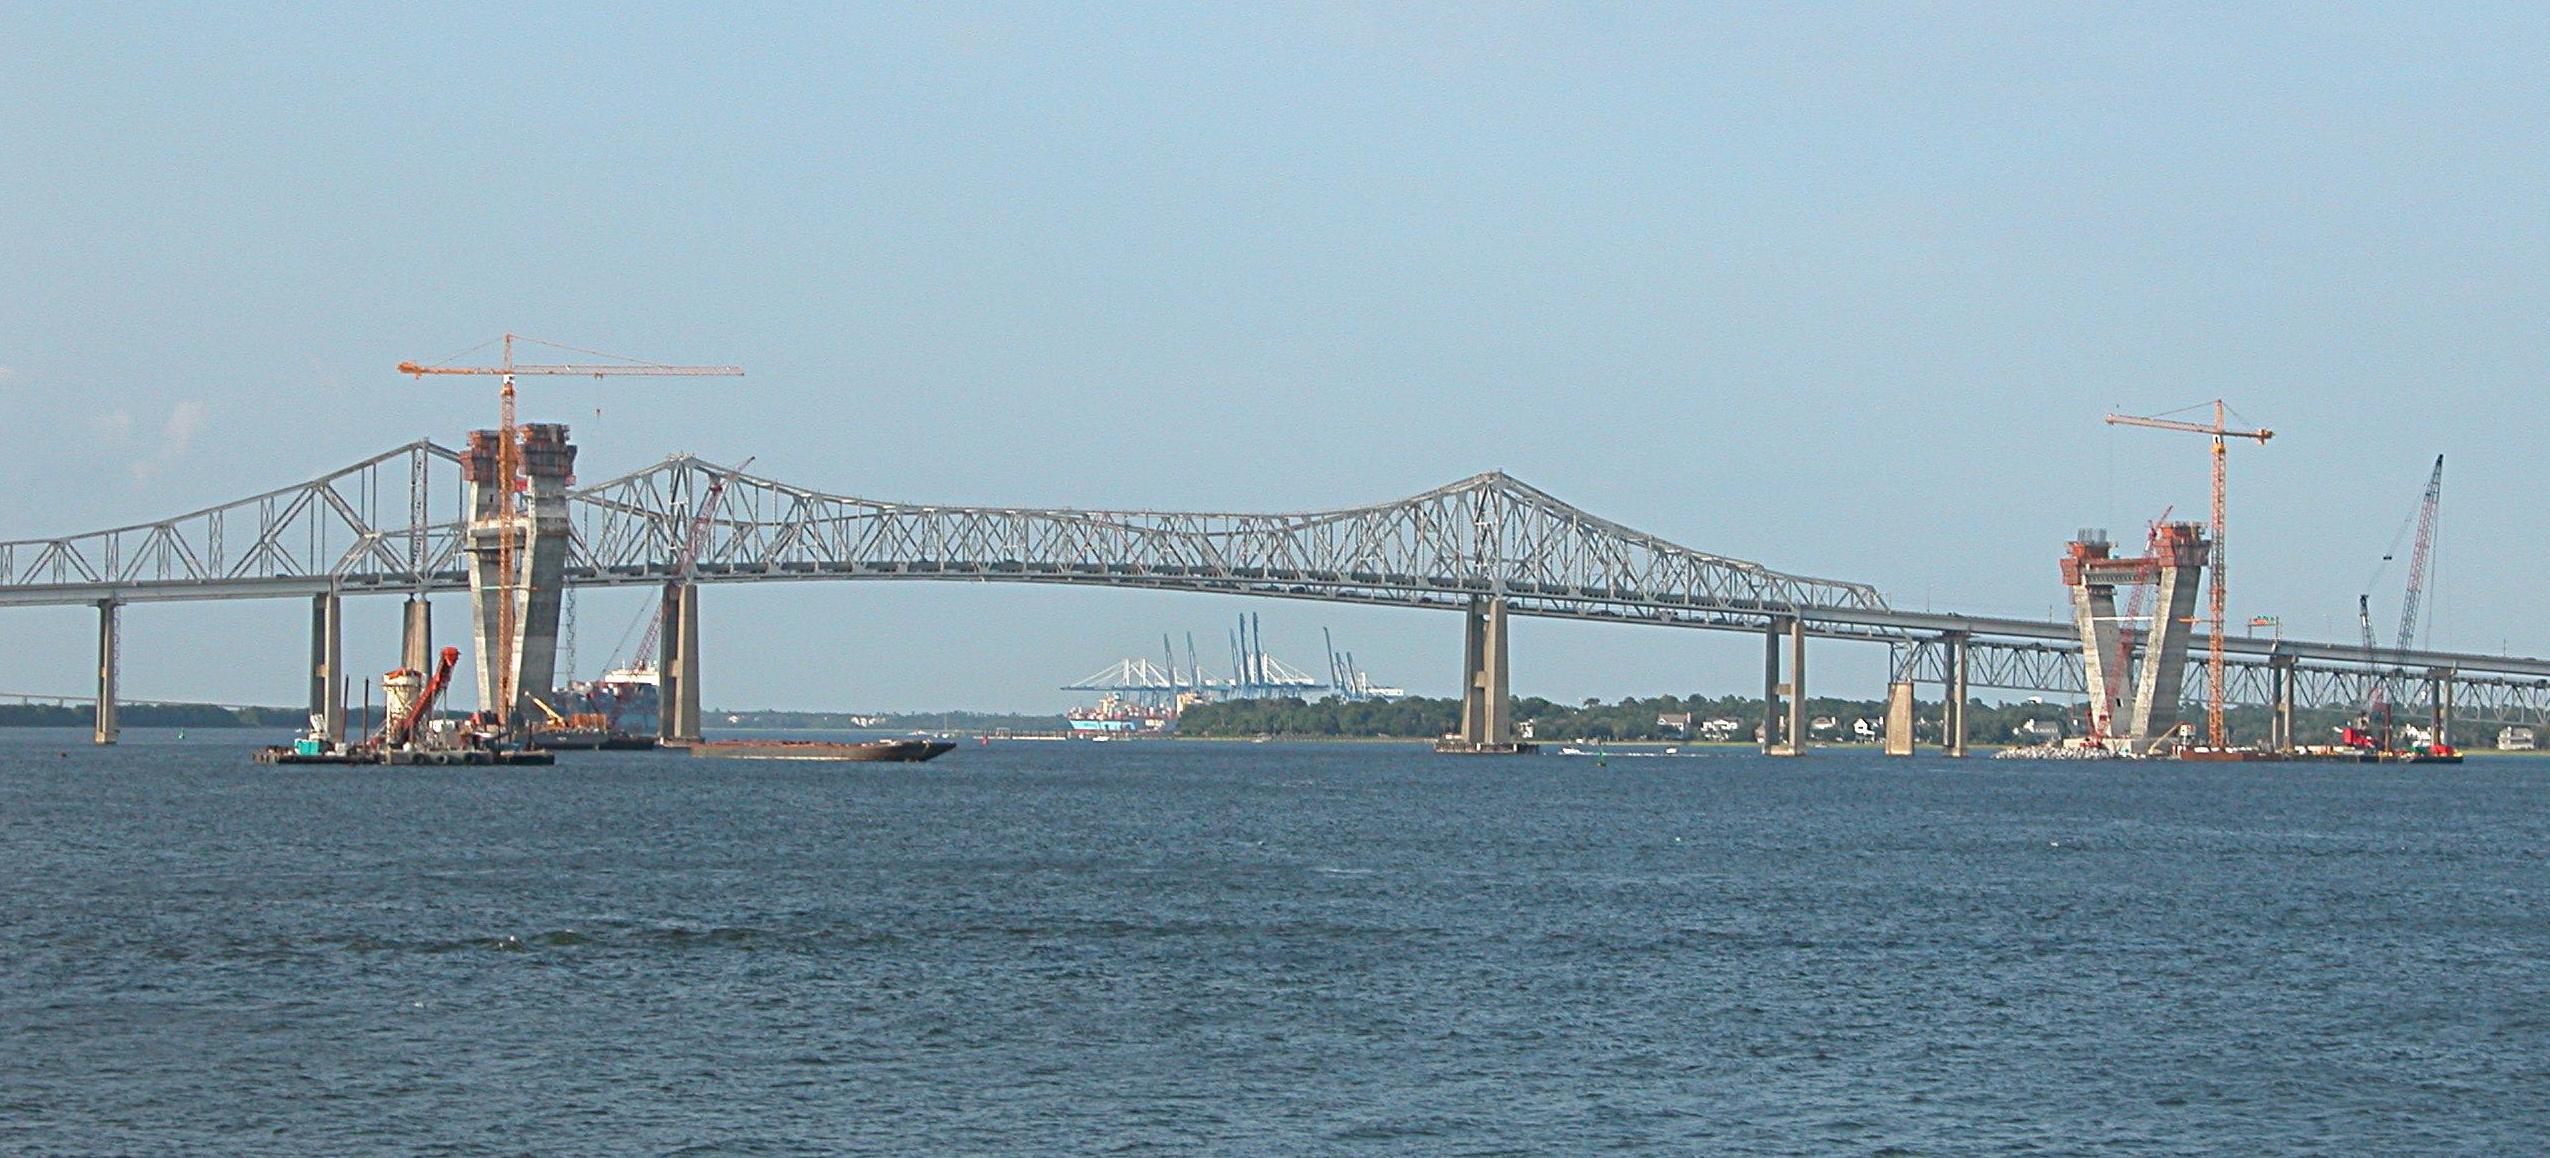 aug 23 bridge